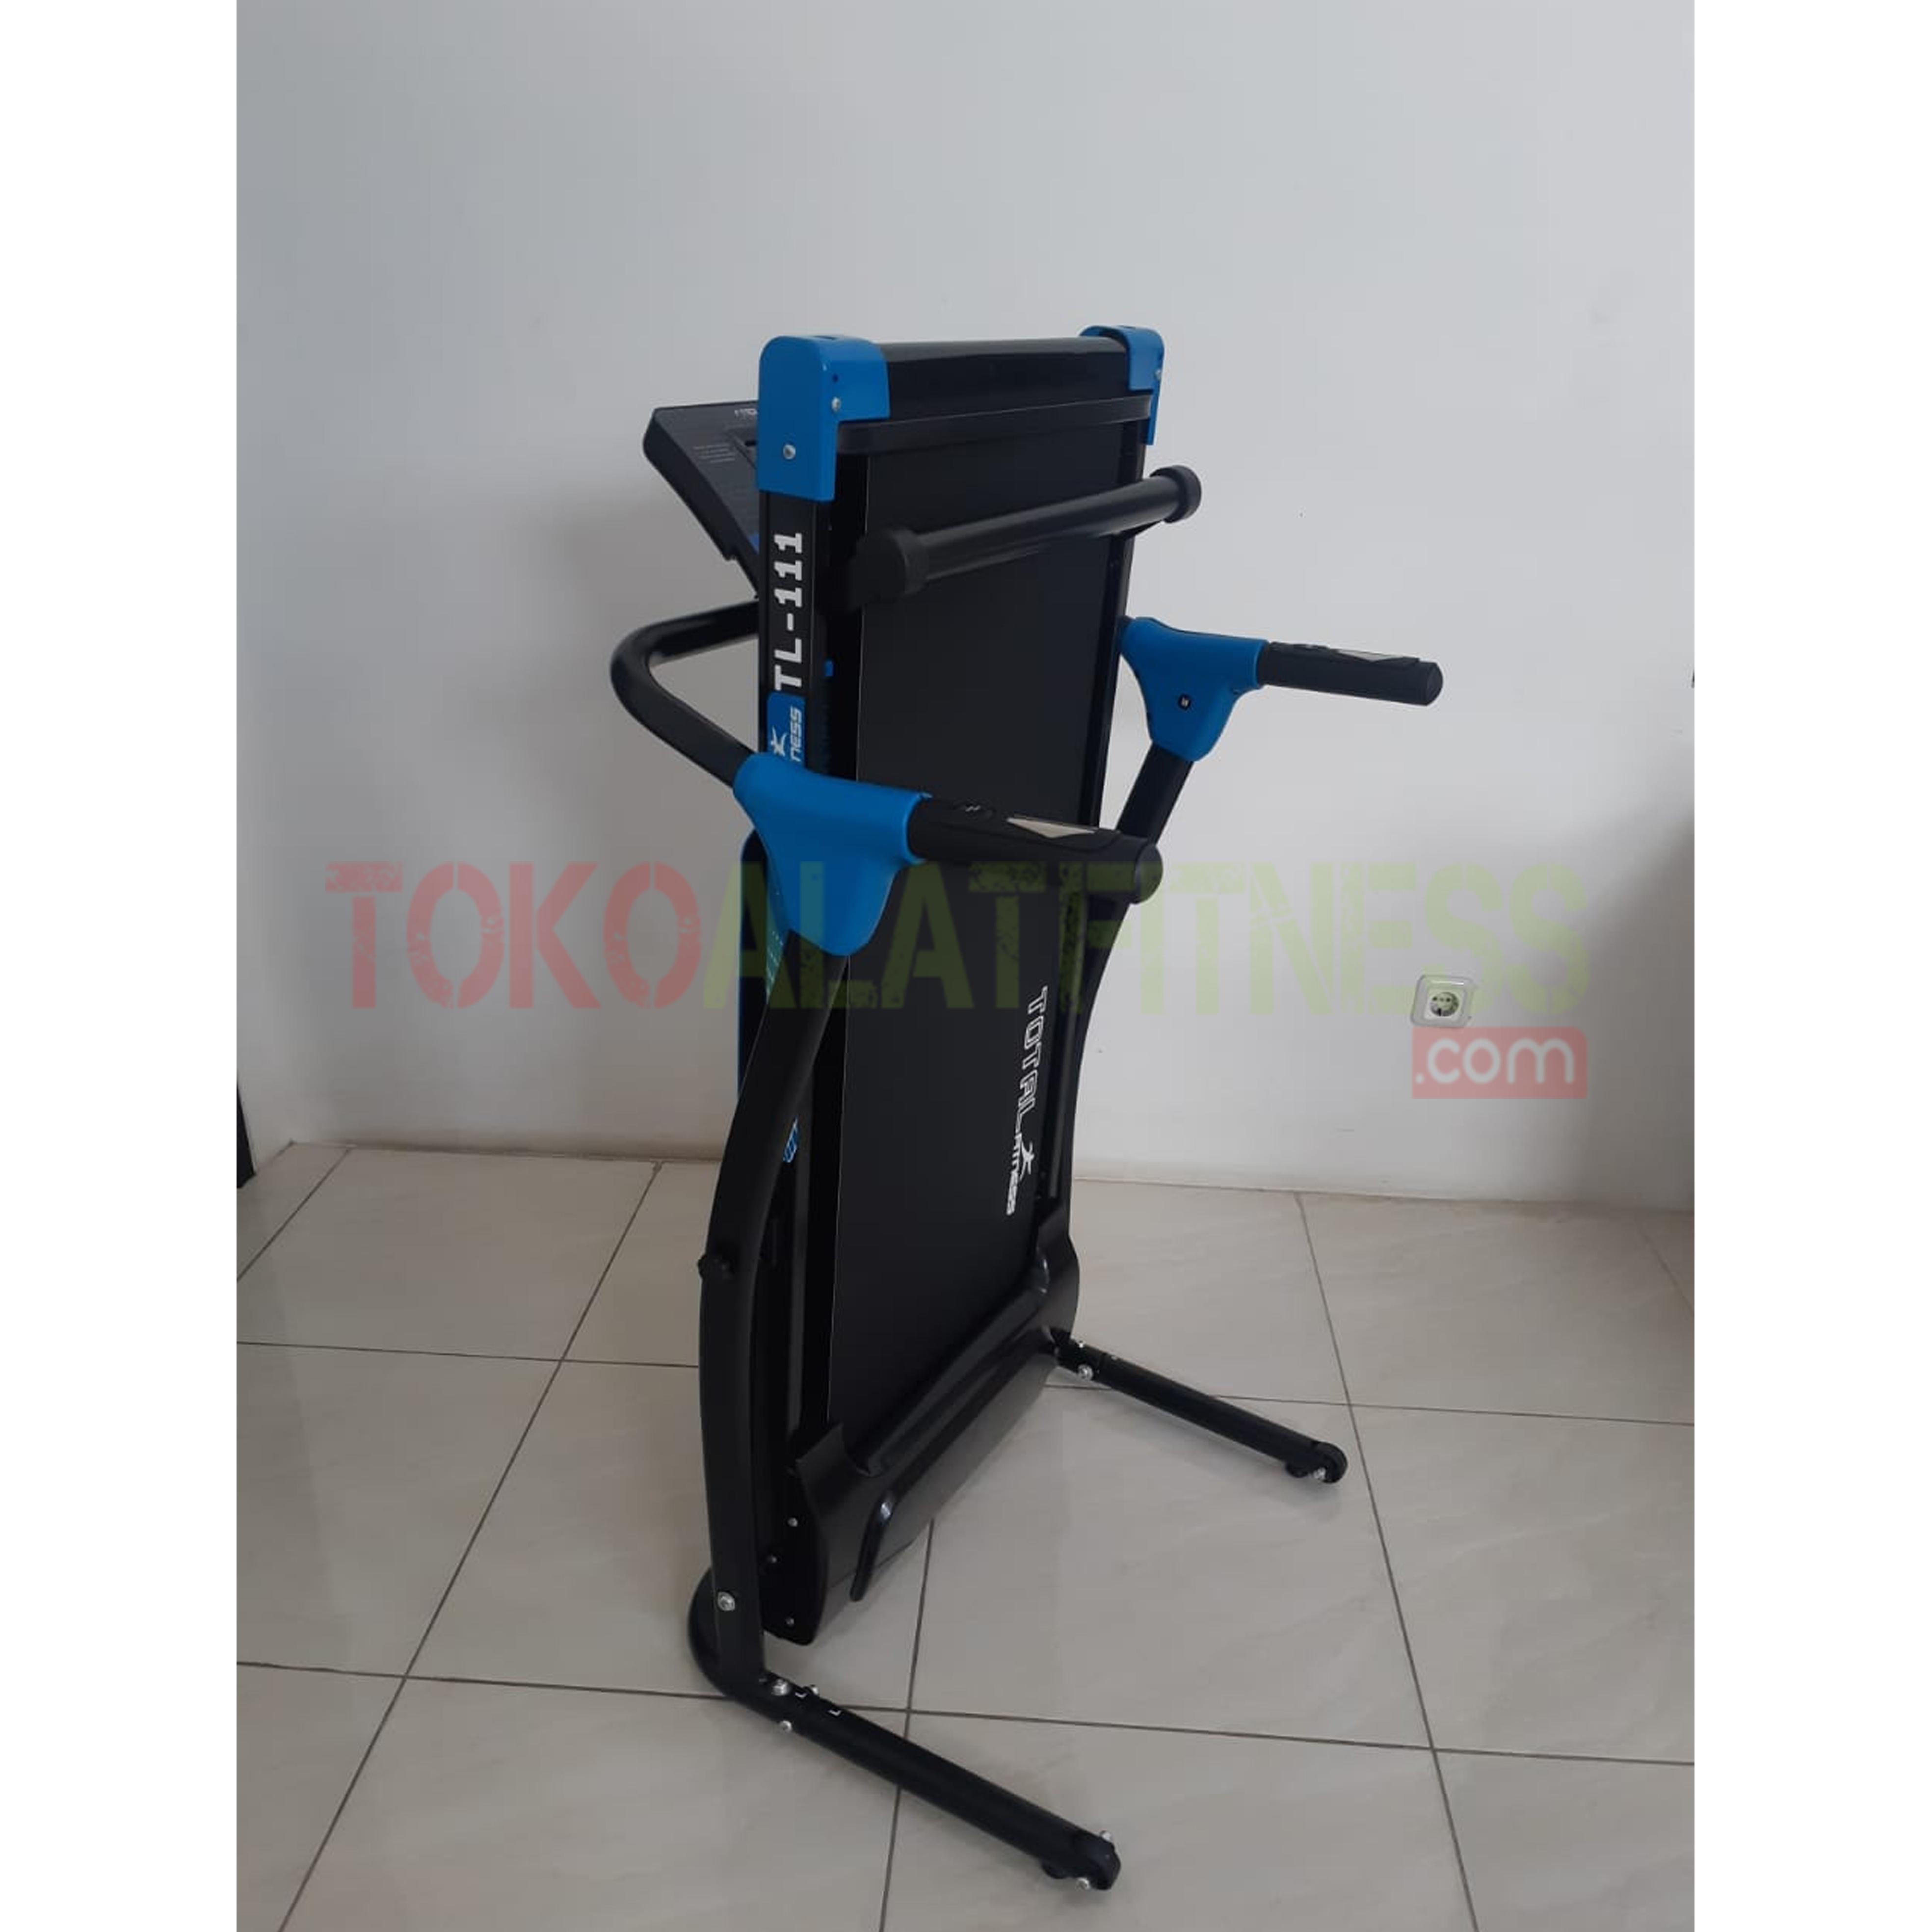 TREADMILL ELEKTRIK BGT111 C - Treadmill Elektrik 1 HP BGT111